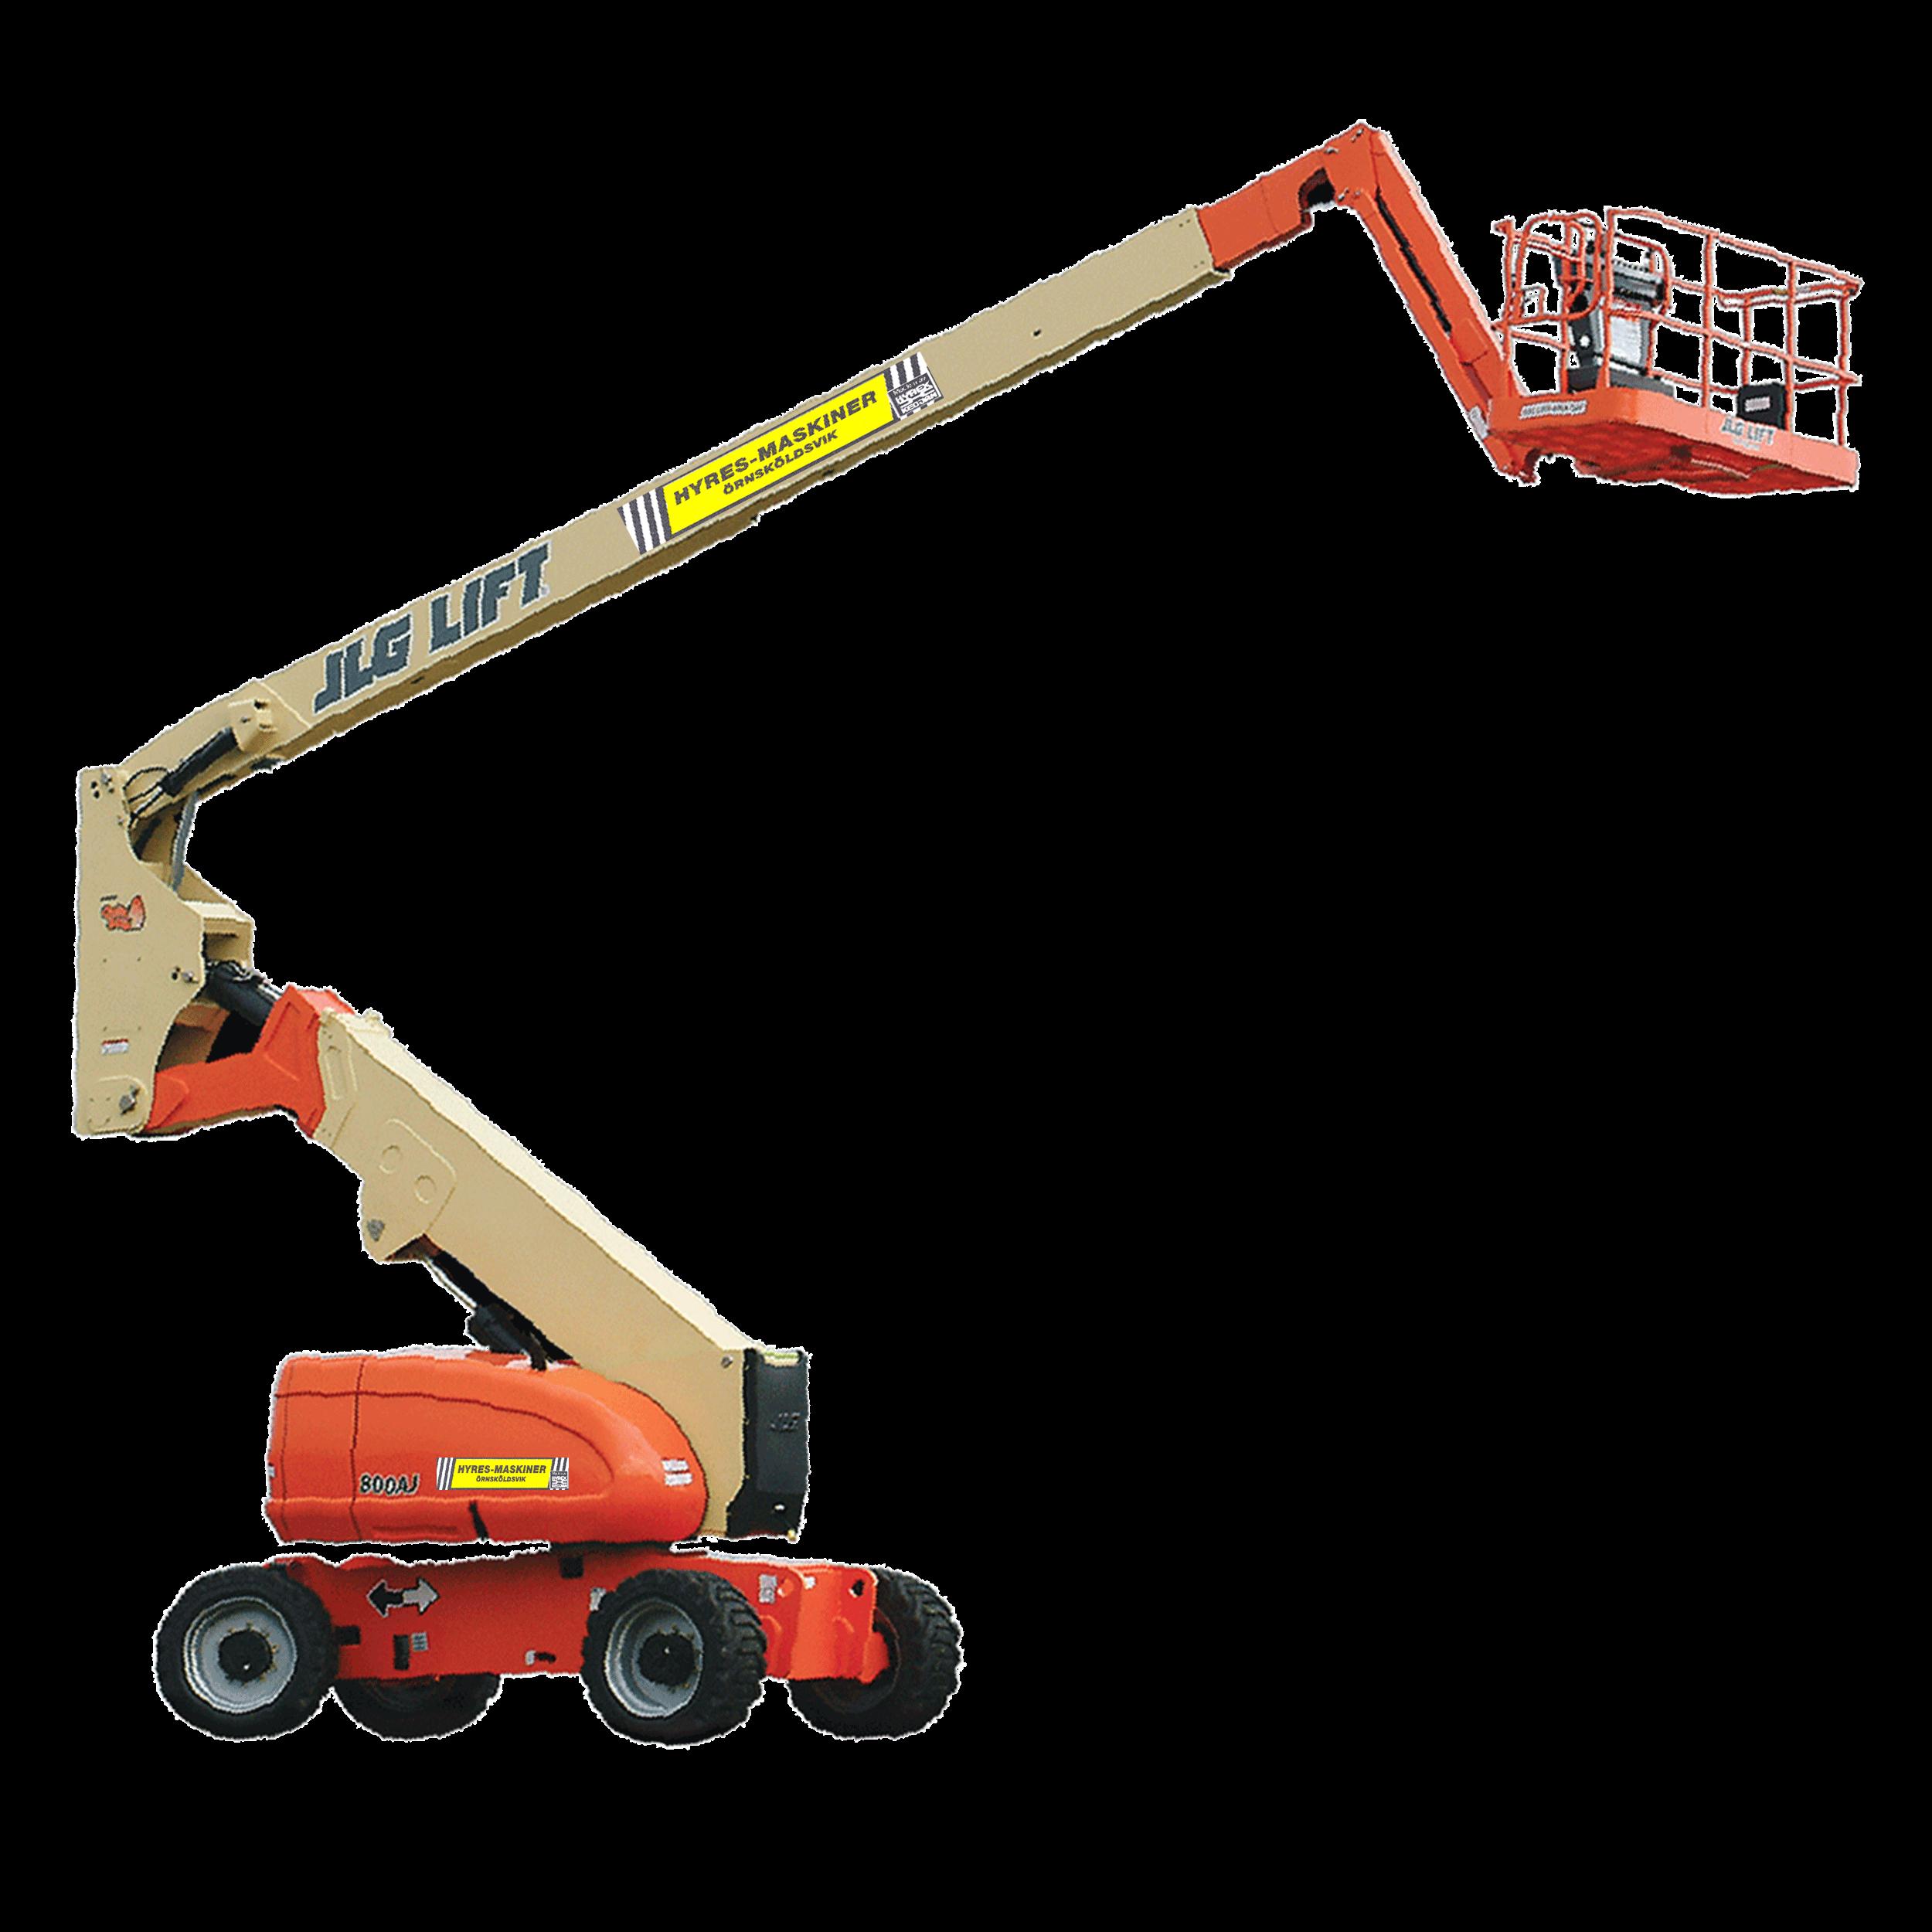 LEDBOMSLIFT 26,46 M JLG 800AJ